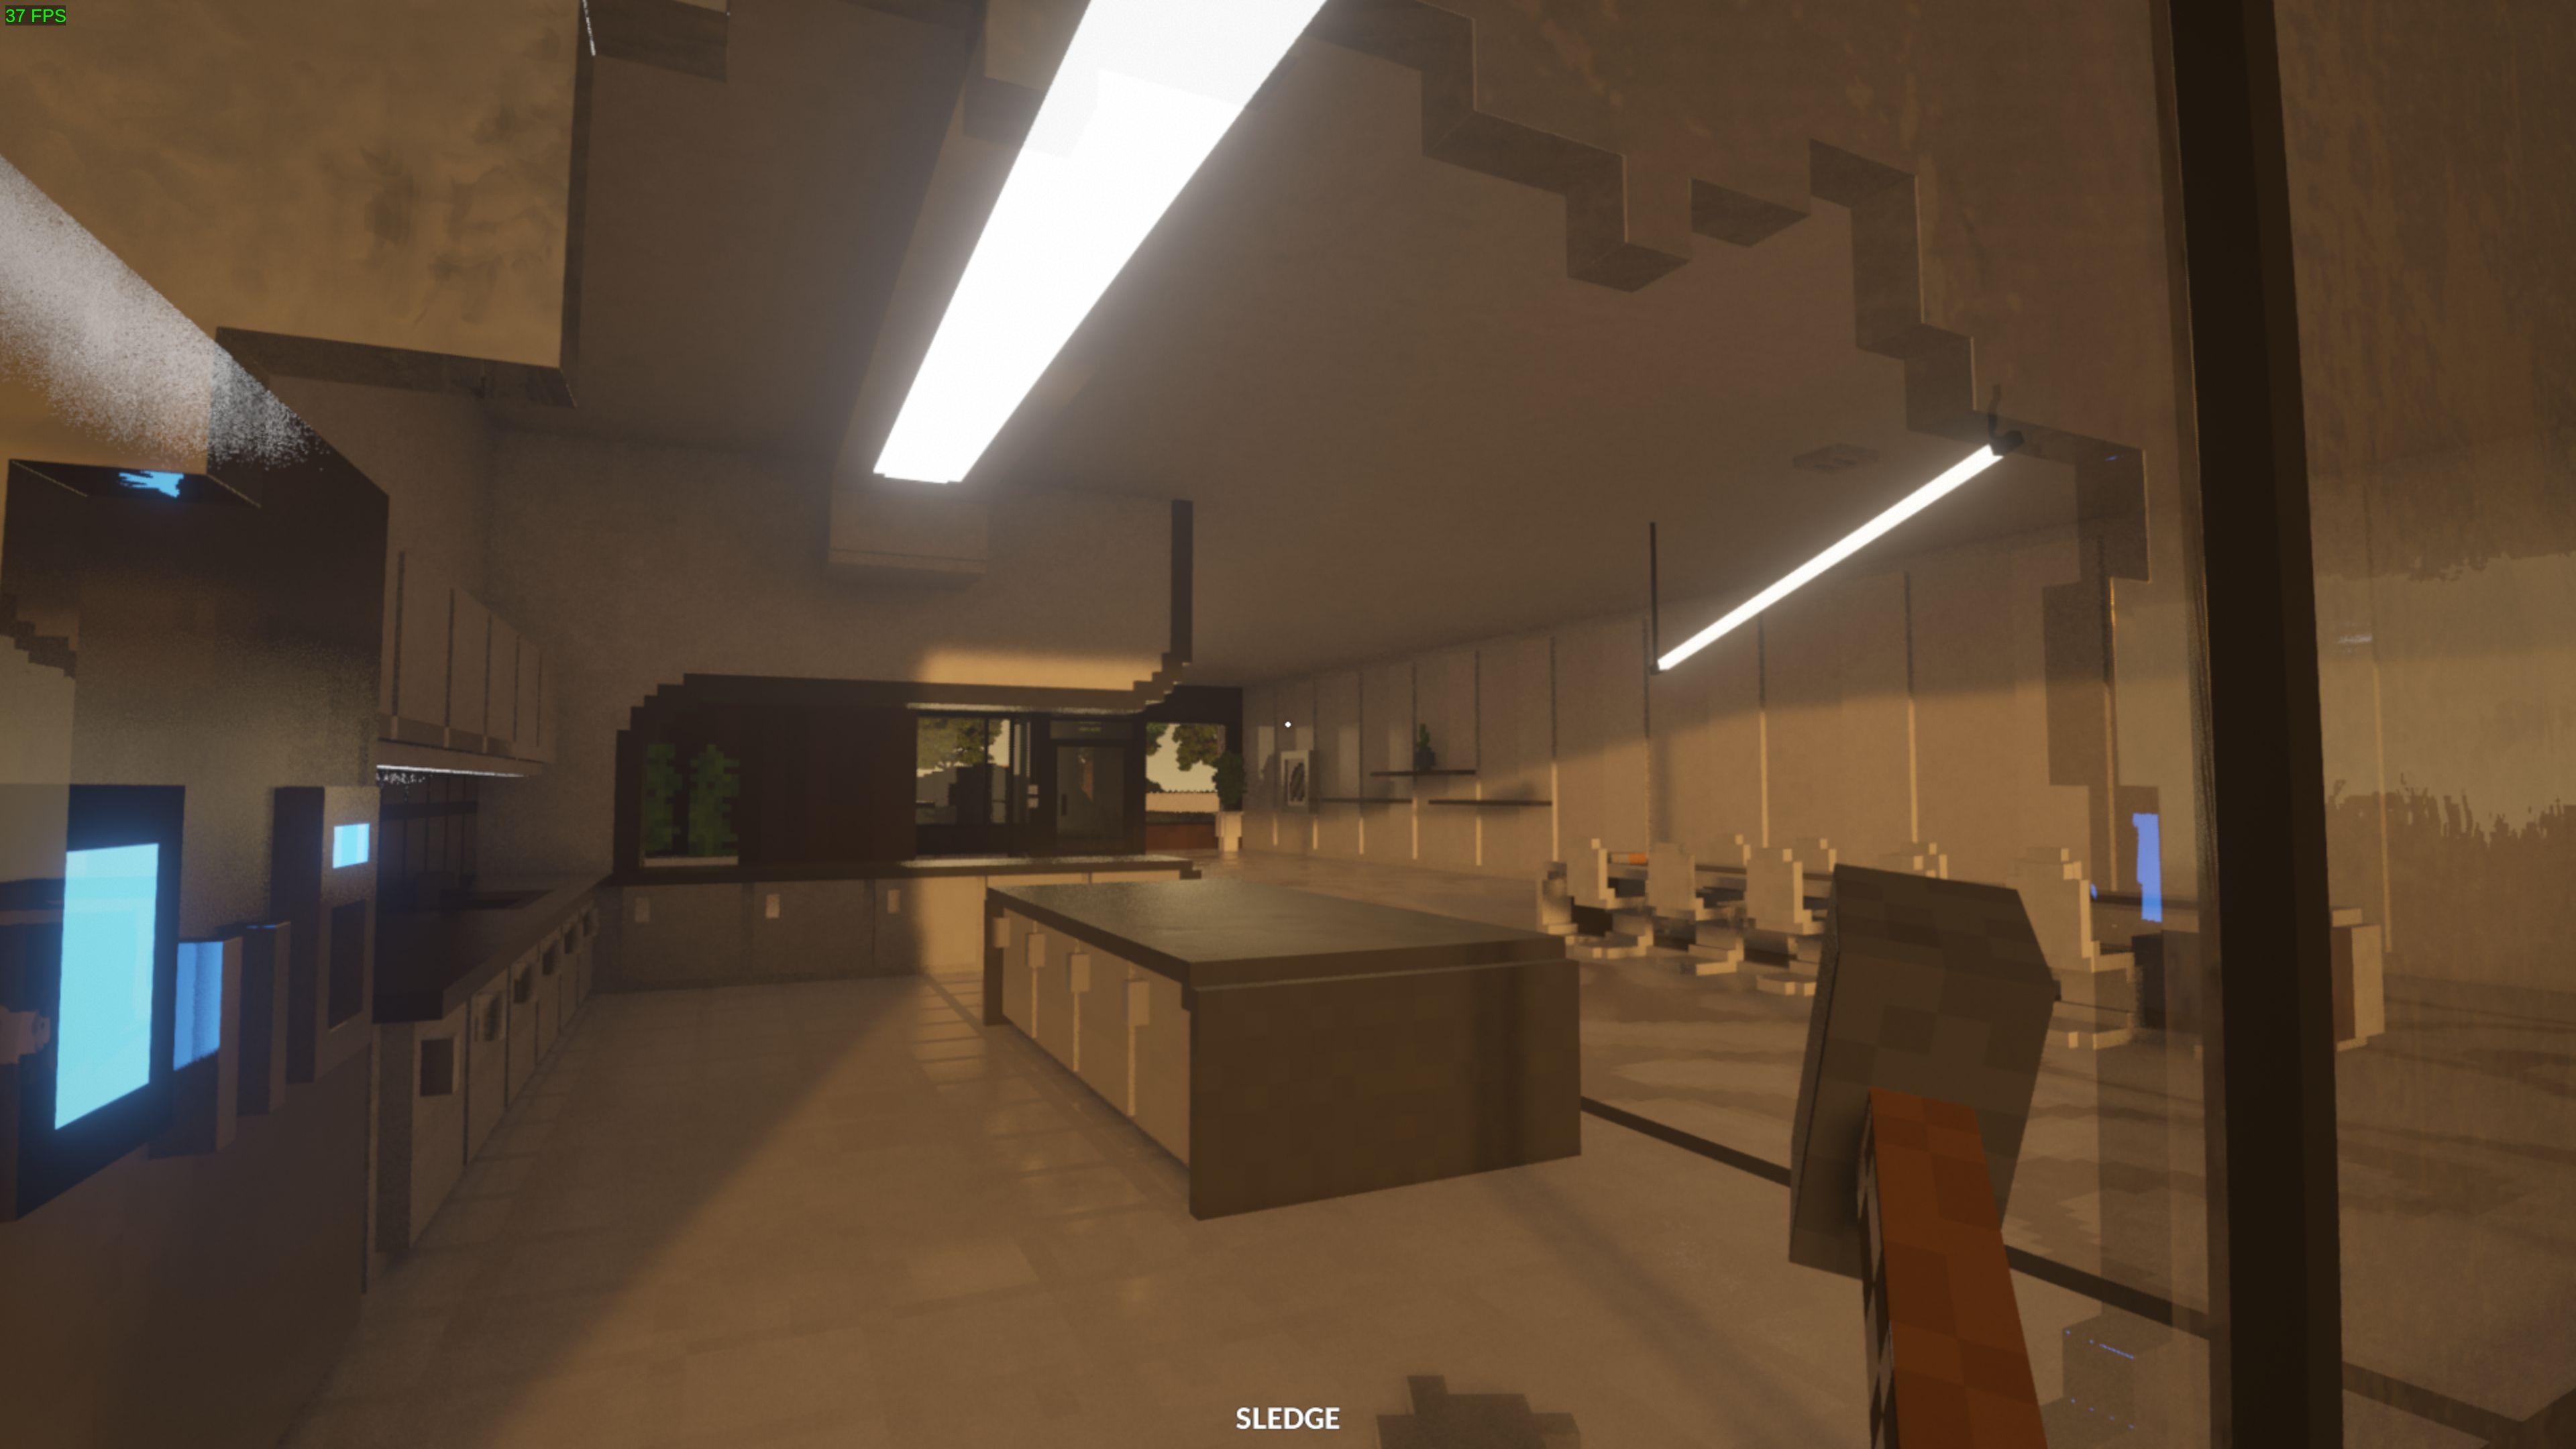 capture d'écran de Teardown montrant les effets de raytracing